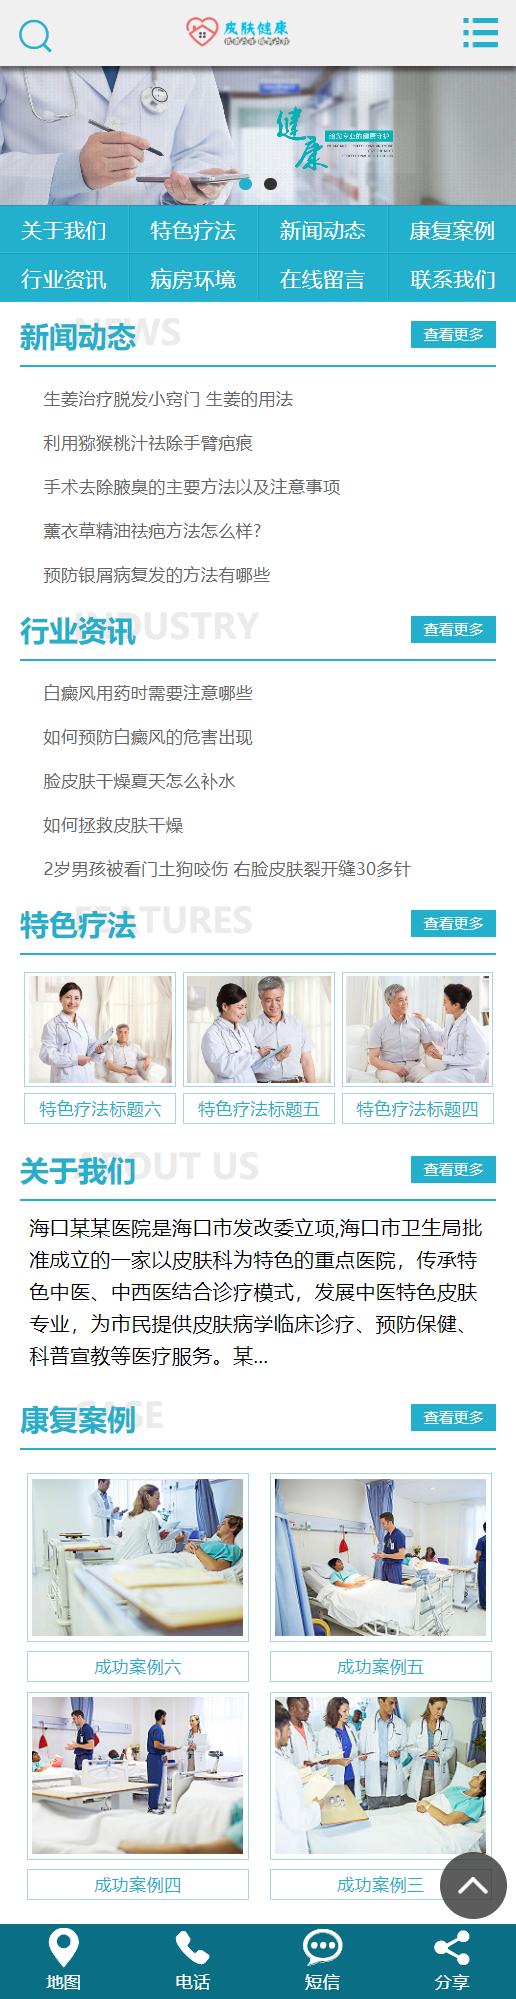 医疗皮肤医院美容院健康类网站官网企业模板企业网站源码下载